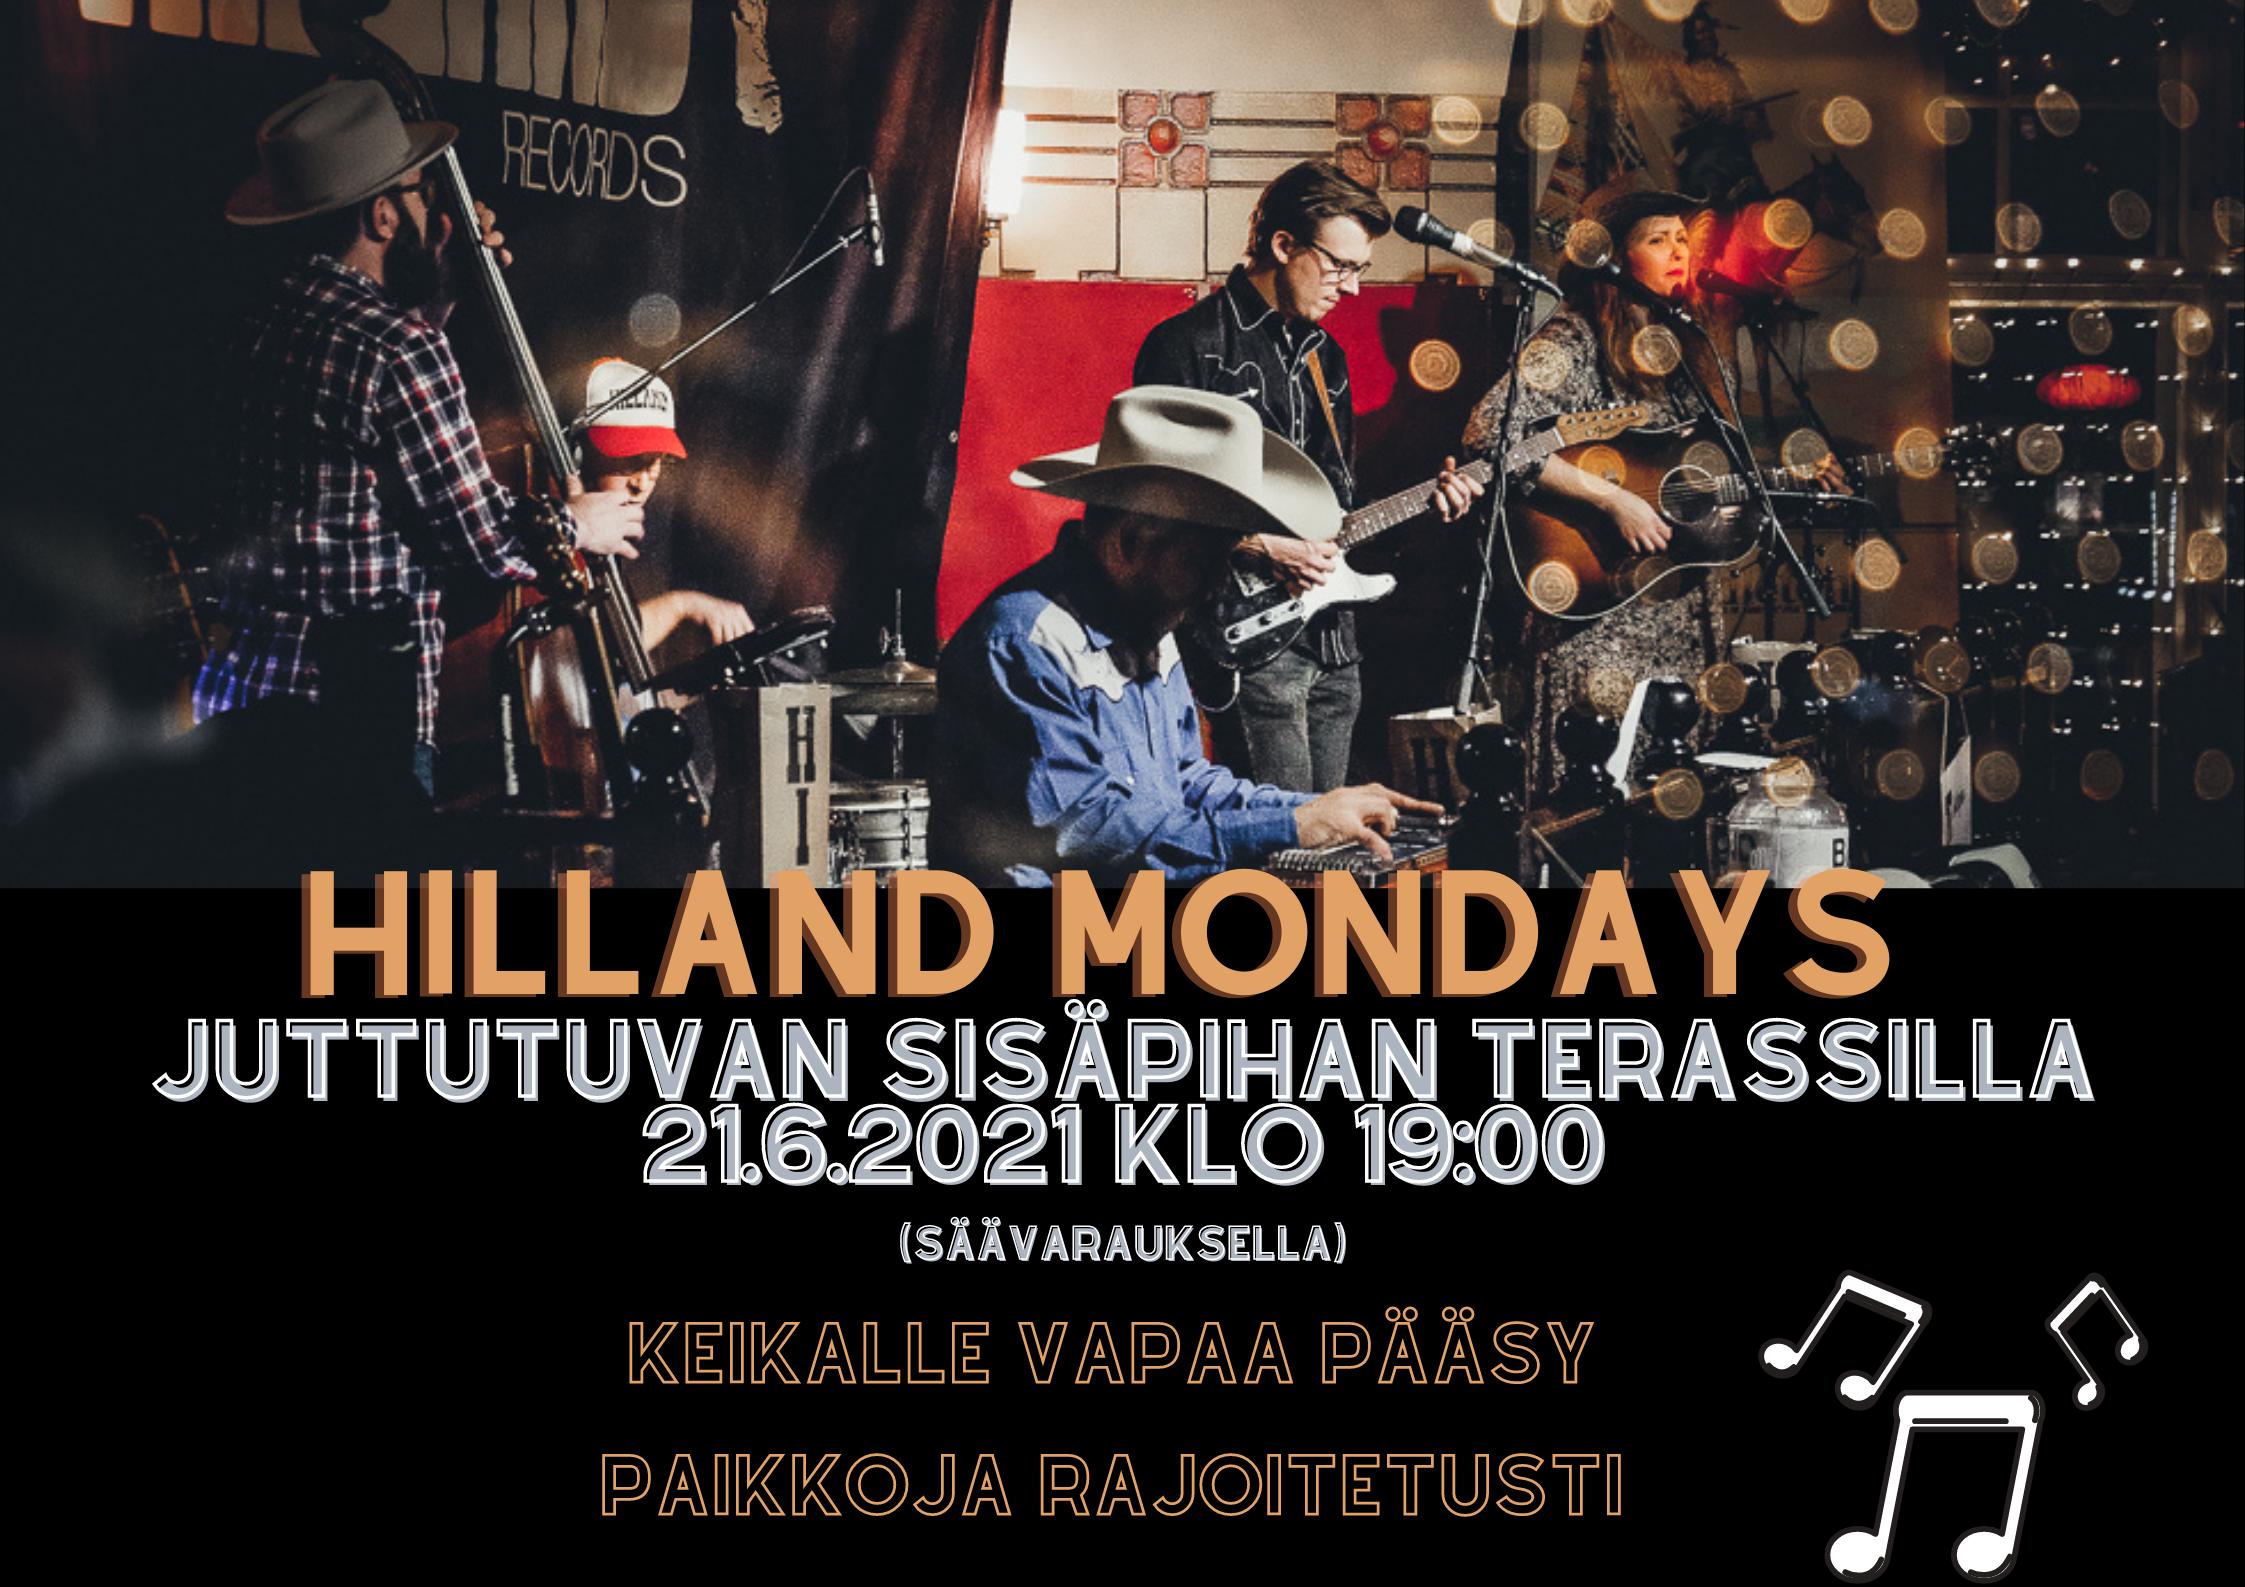 Hilland Mondays sisäpihalla ma 21.6.